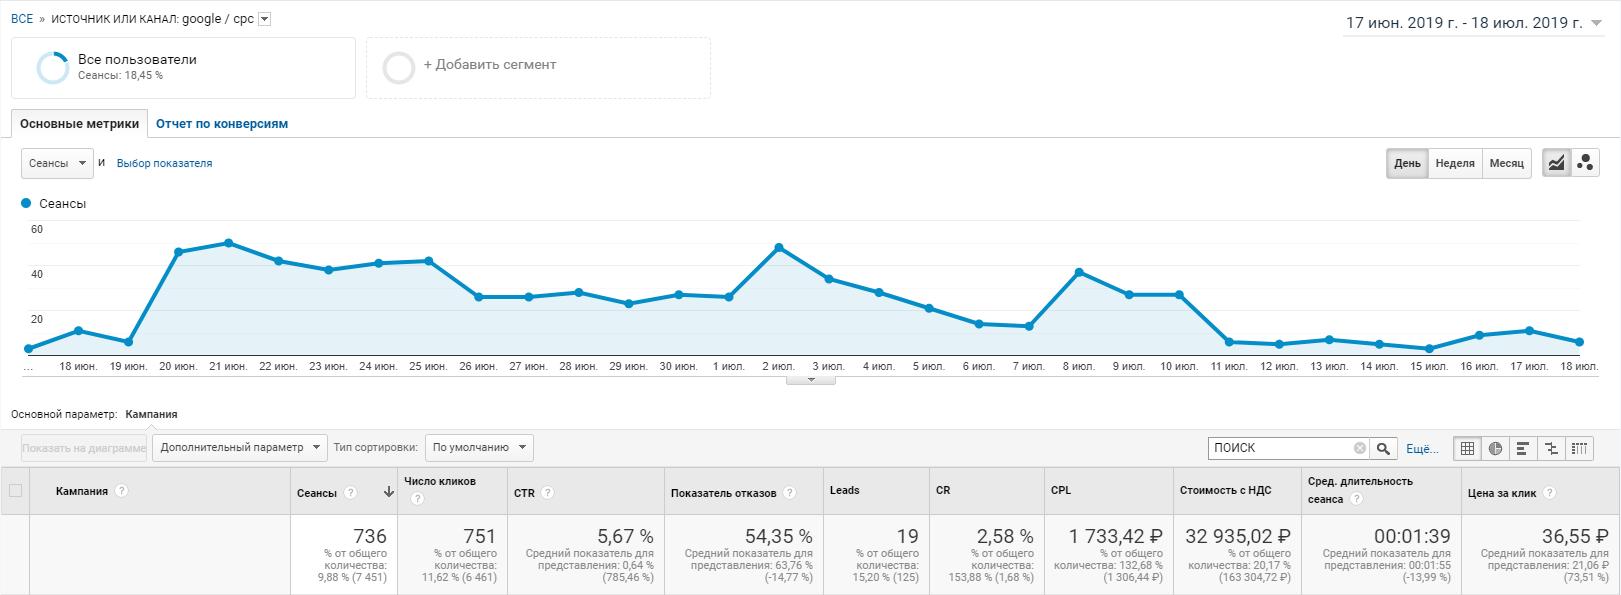 statistika_poiskovyh_kampaniy_v_google